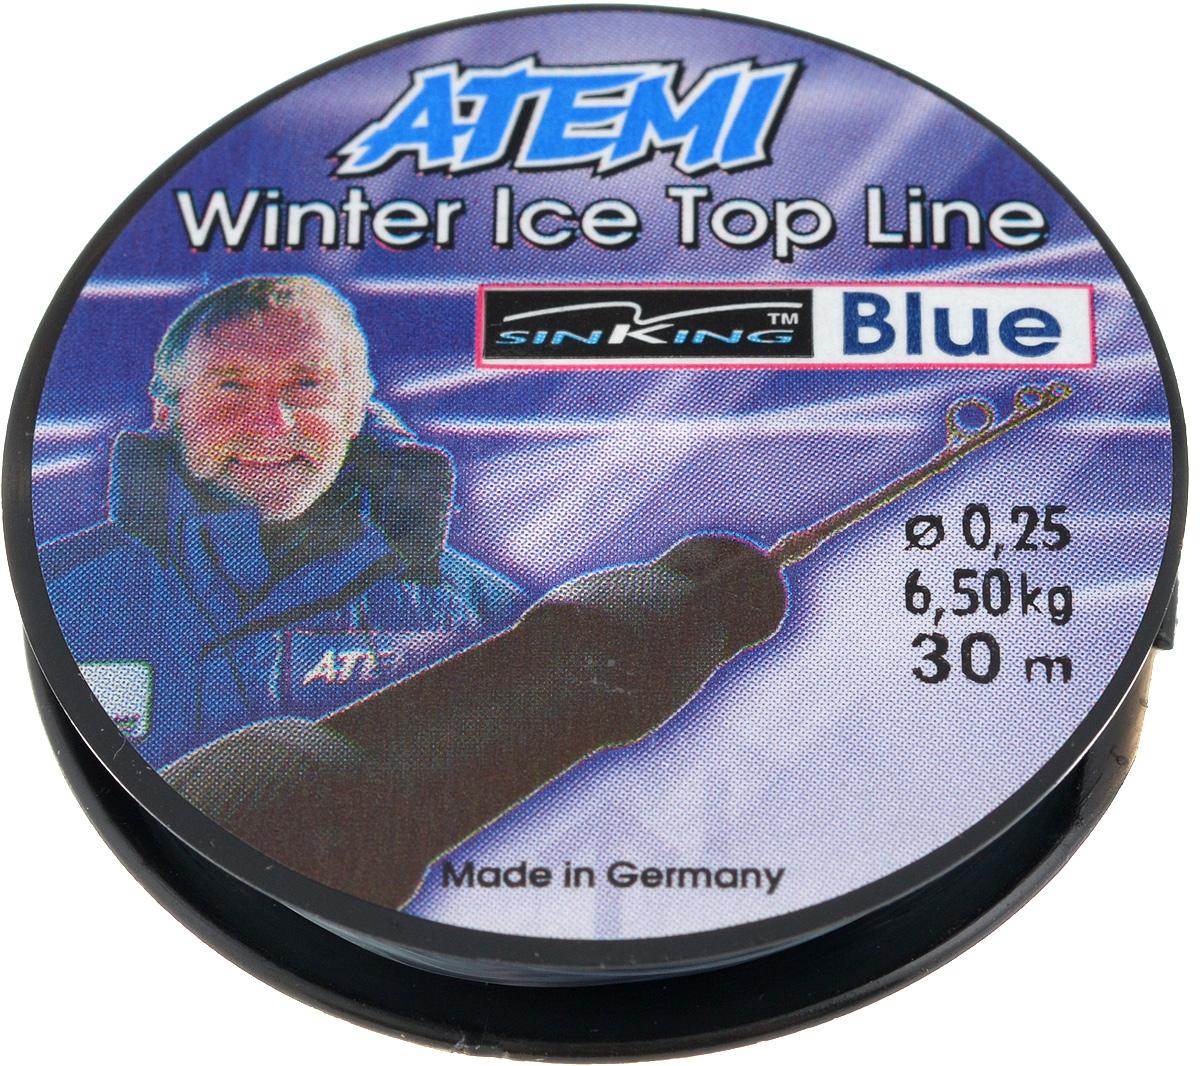 Леска зимняя Atemi Winter Blue, 30 м, 0,25 мм, 6,5 кг59271Леска Atemi Winter Blue, изготовленная из 100% нейлона, очень хорошо выдерживает низкие температуры и идеальна для ловли карпа. Даже в самом холодном климате она сохраняет свои свойства практически без изменений, в то время как традиционные лески становятся менее эластичными и теряют прочность.Поверхность лески обработана таким образом, что она не обмерзает и отлично подходит для подледного лова.